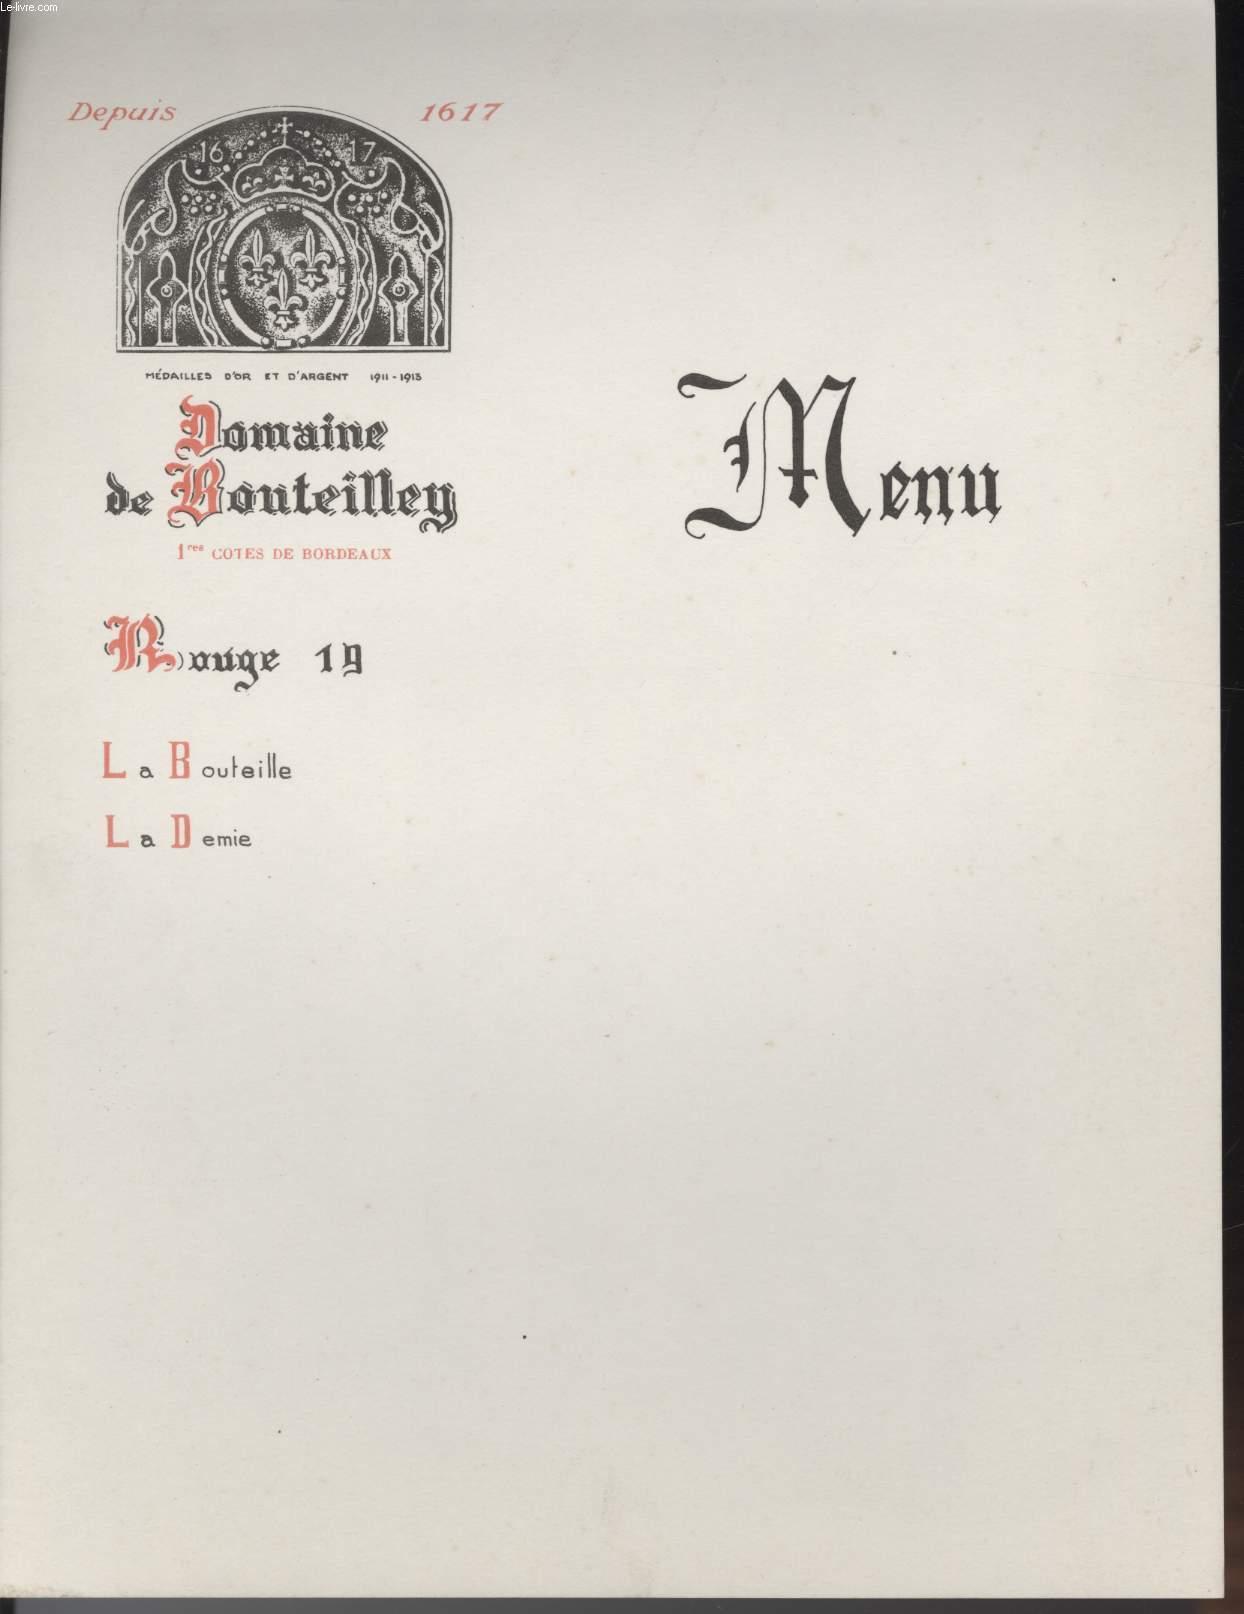 MENU - DOMAINE DE BONTEILLEY - 1° COTES DE BORDEAUX